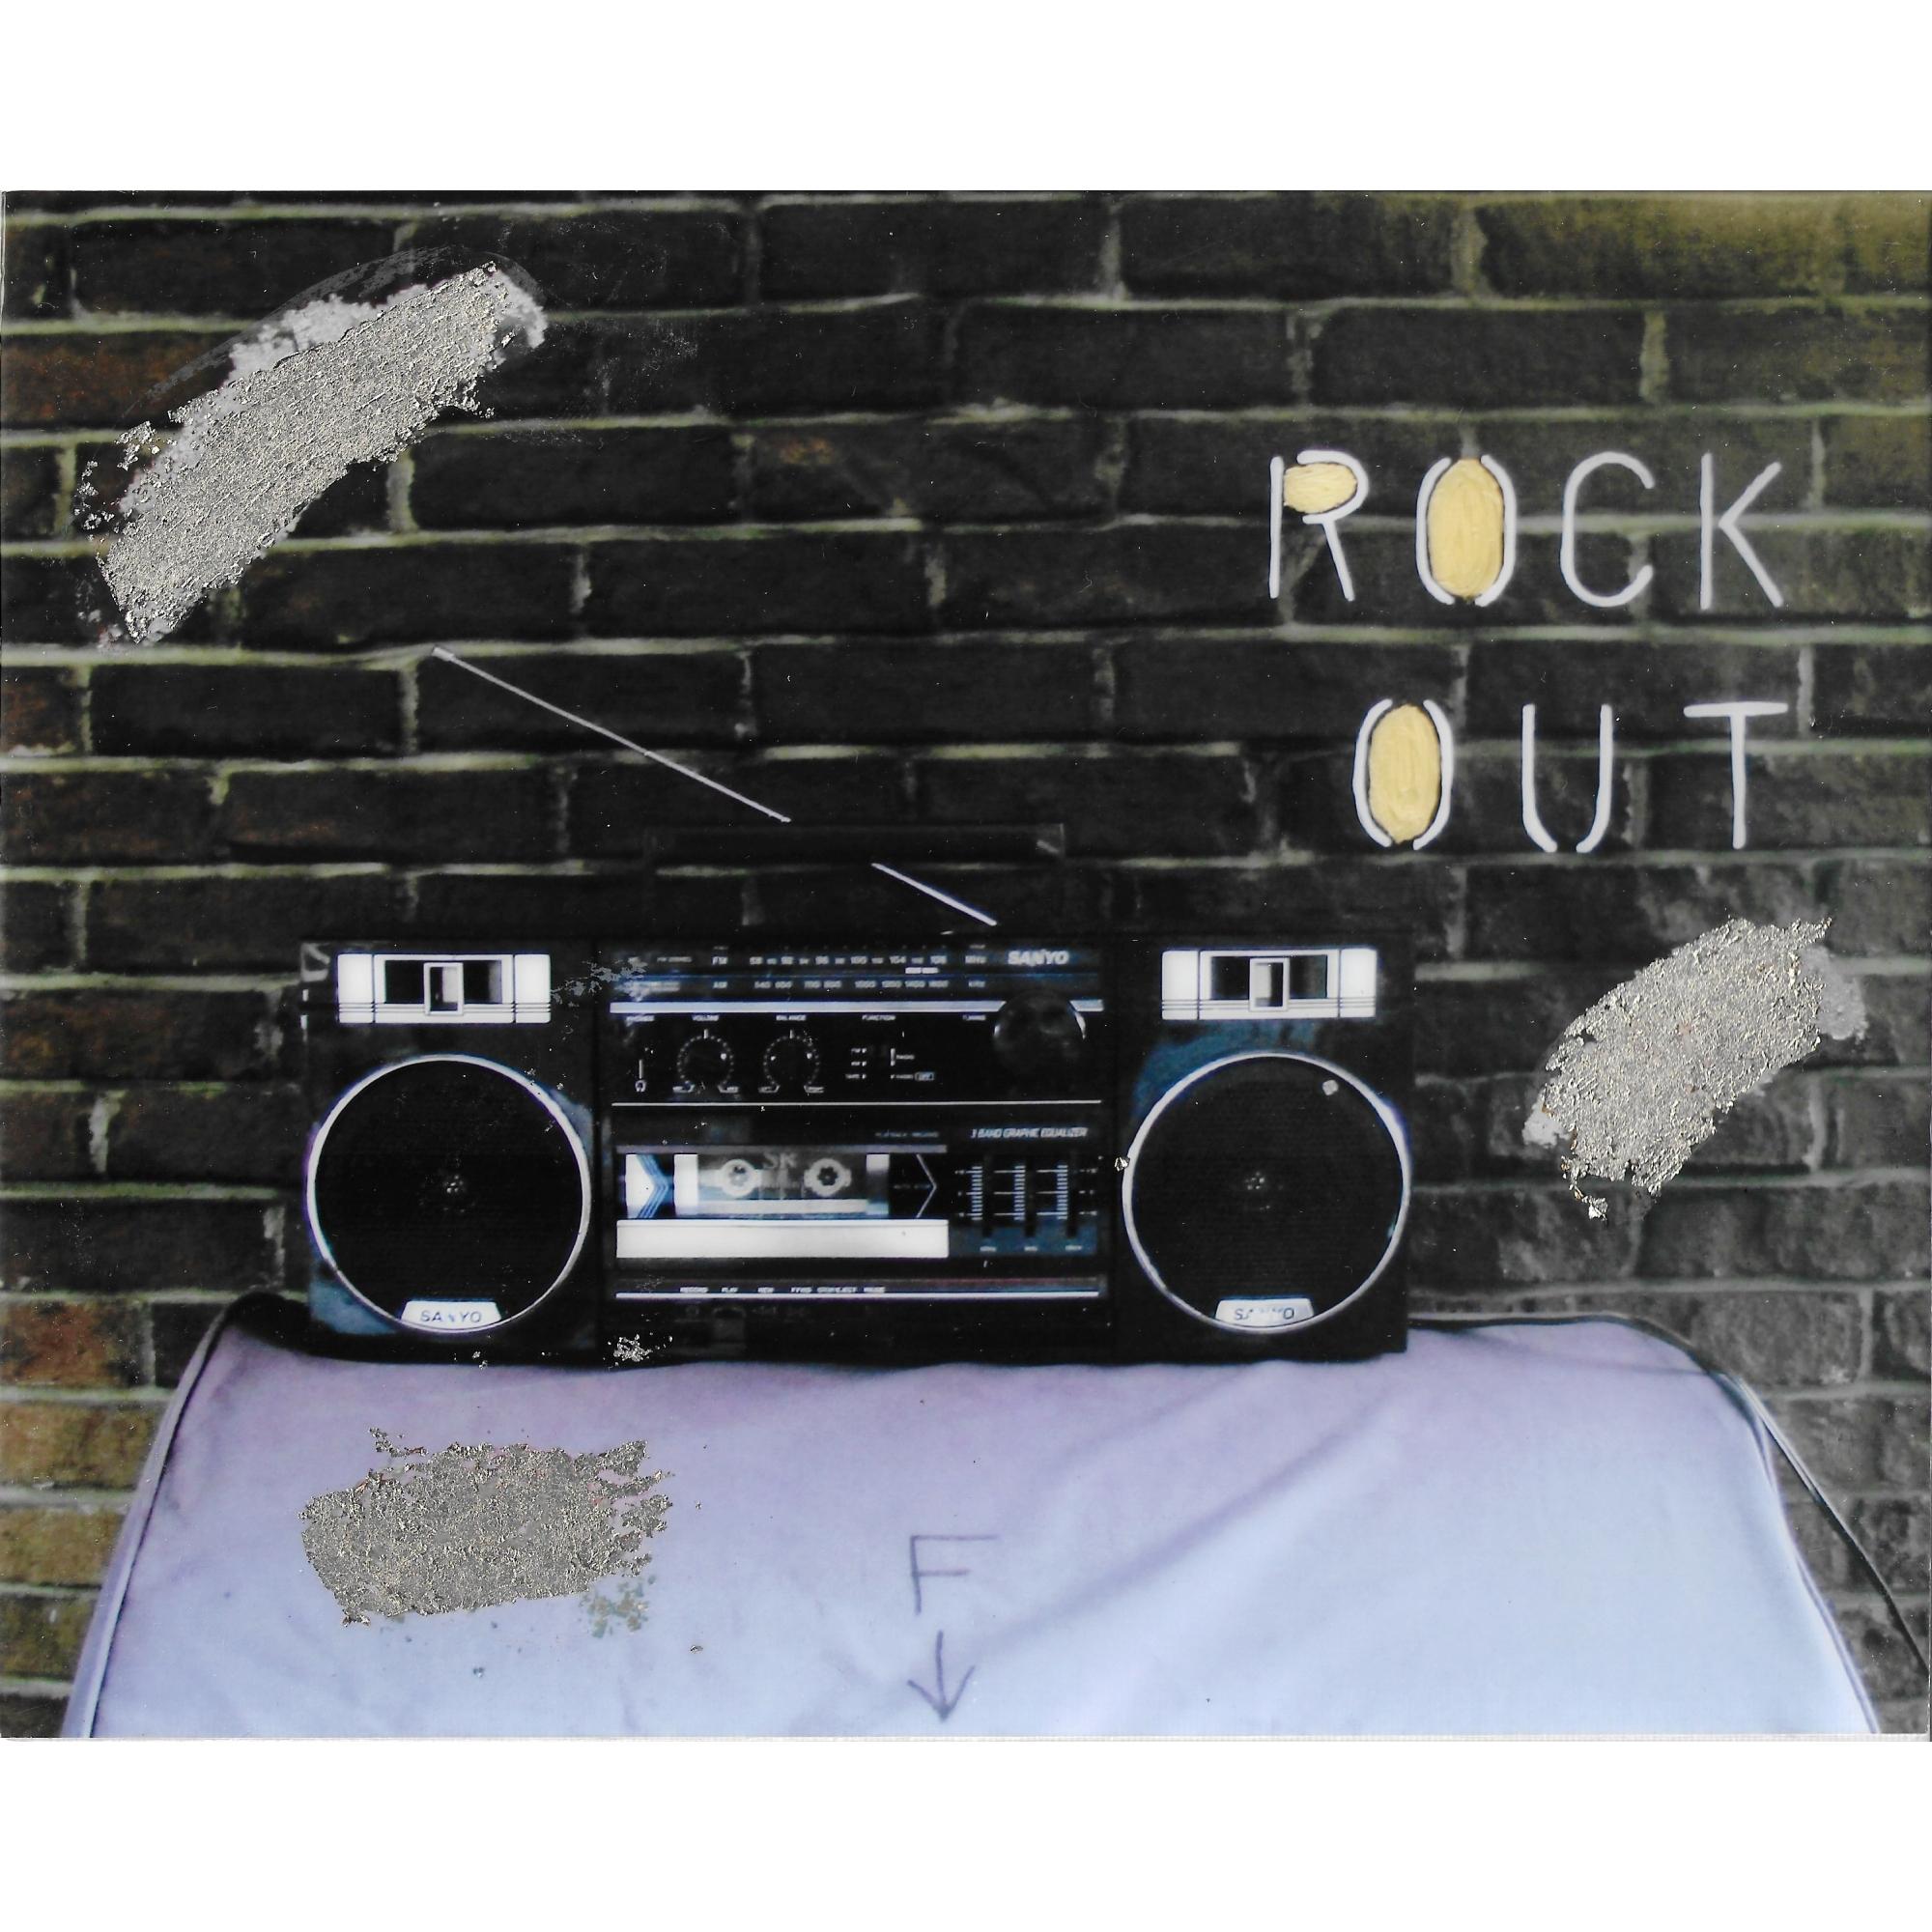 Rock Out by Talia Shipman